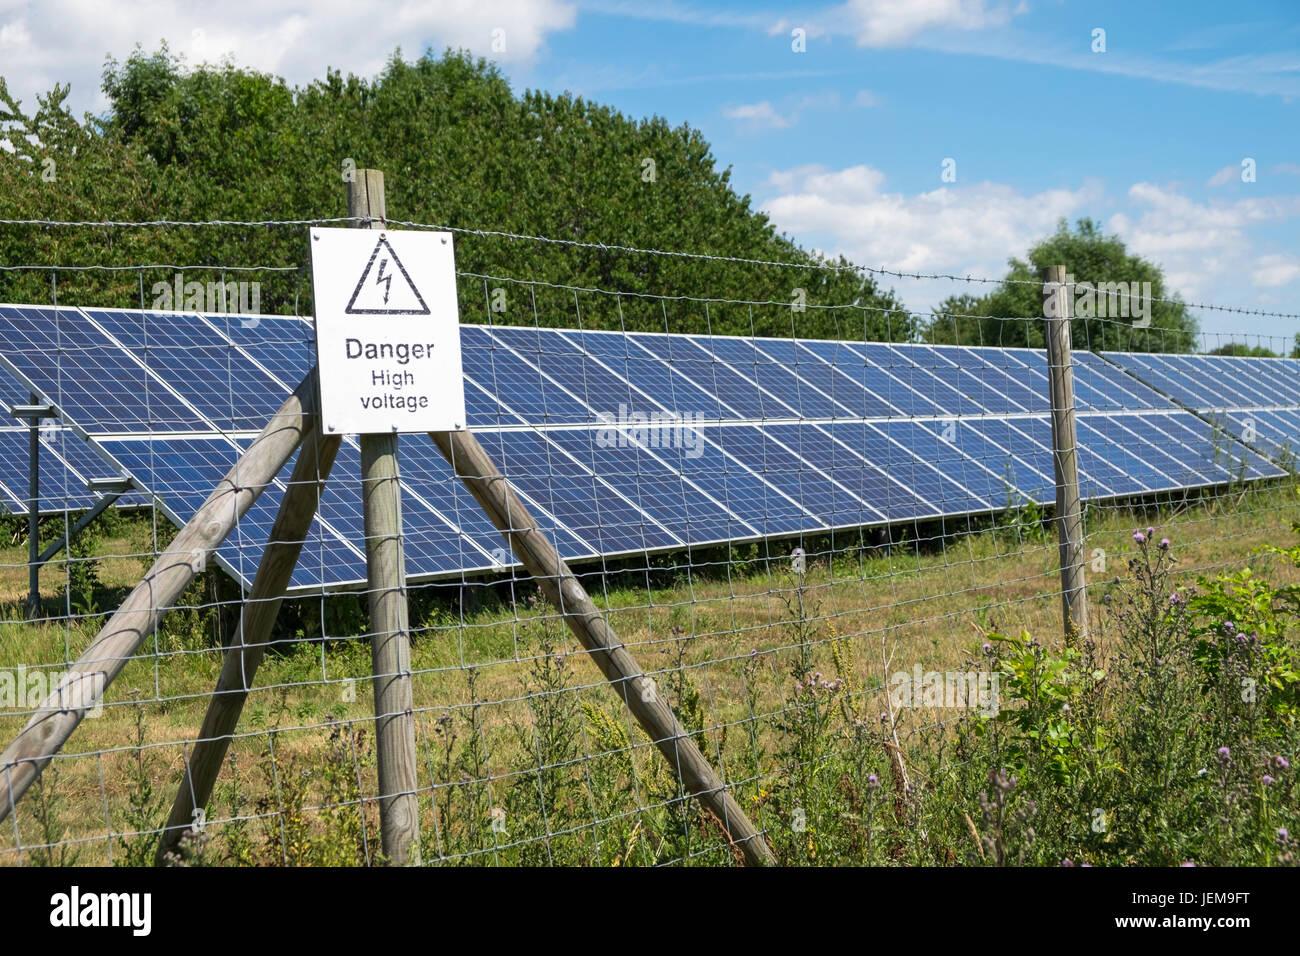 Solar farm in field, kent, uk - Stock Image